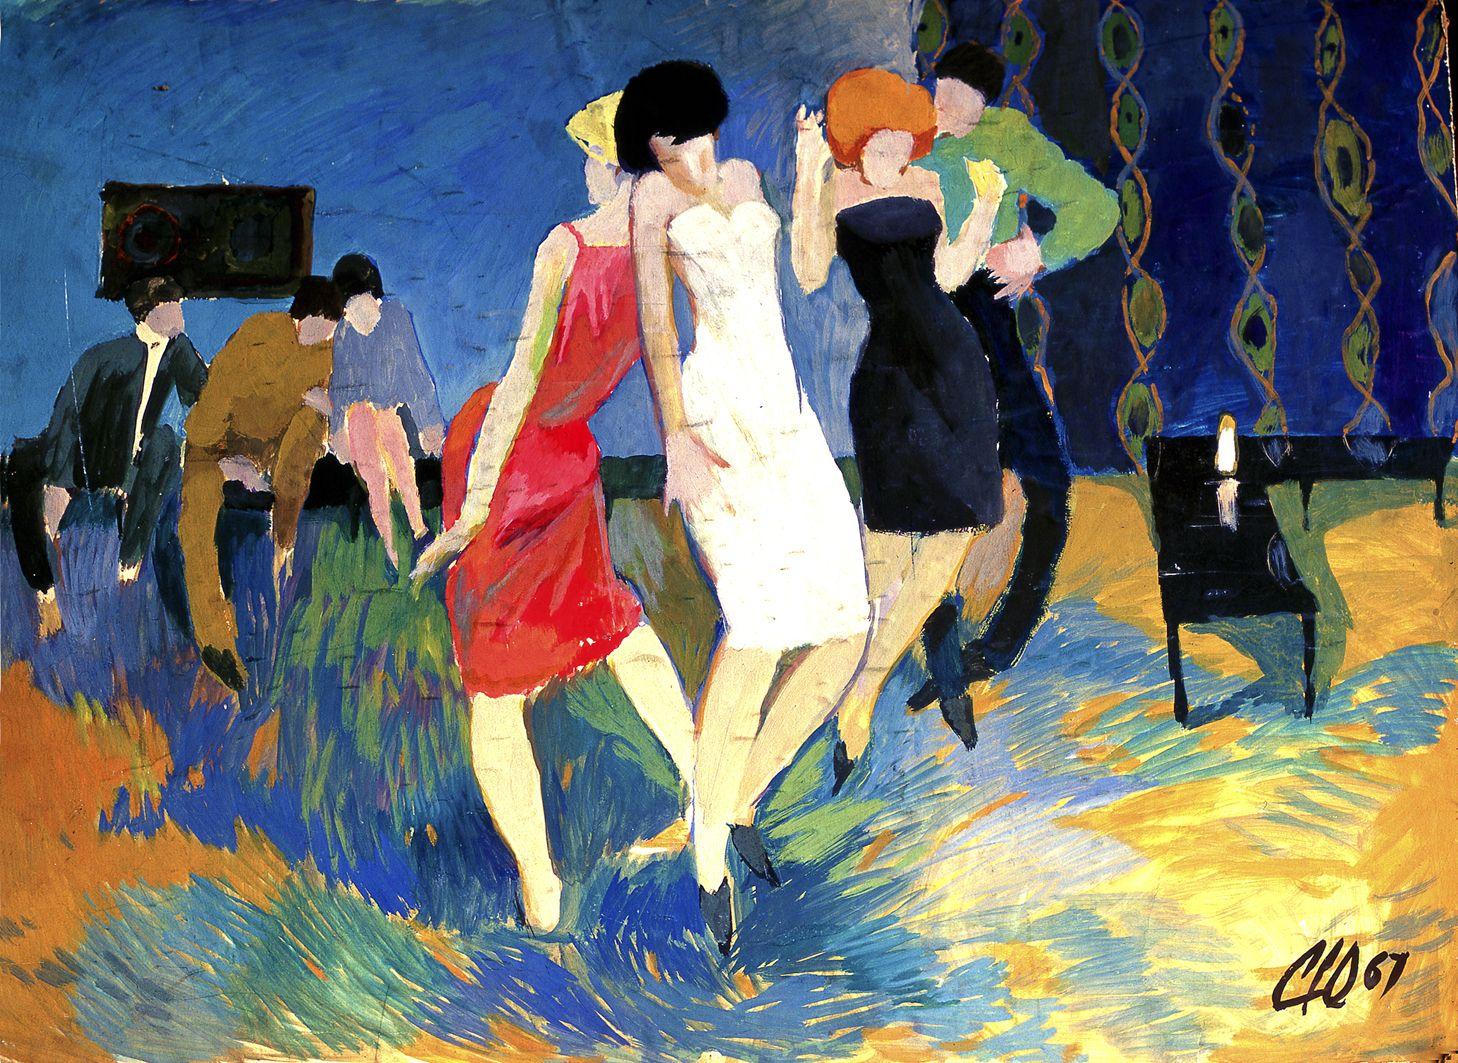 Юрій Скандаков. Танцювальна вечірка, 1967